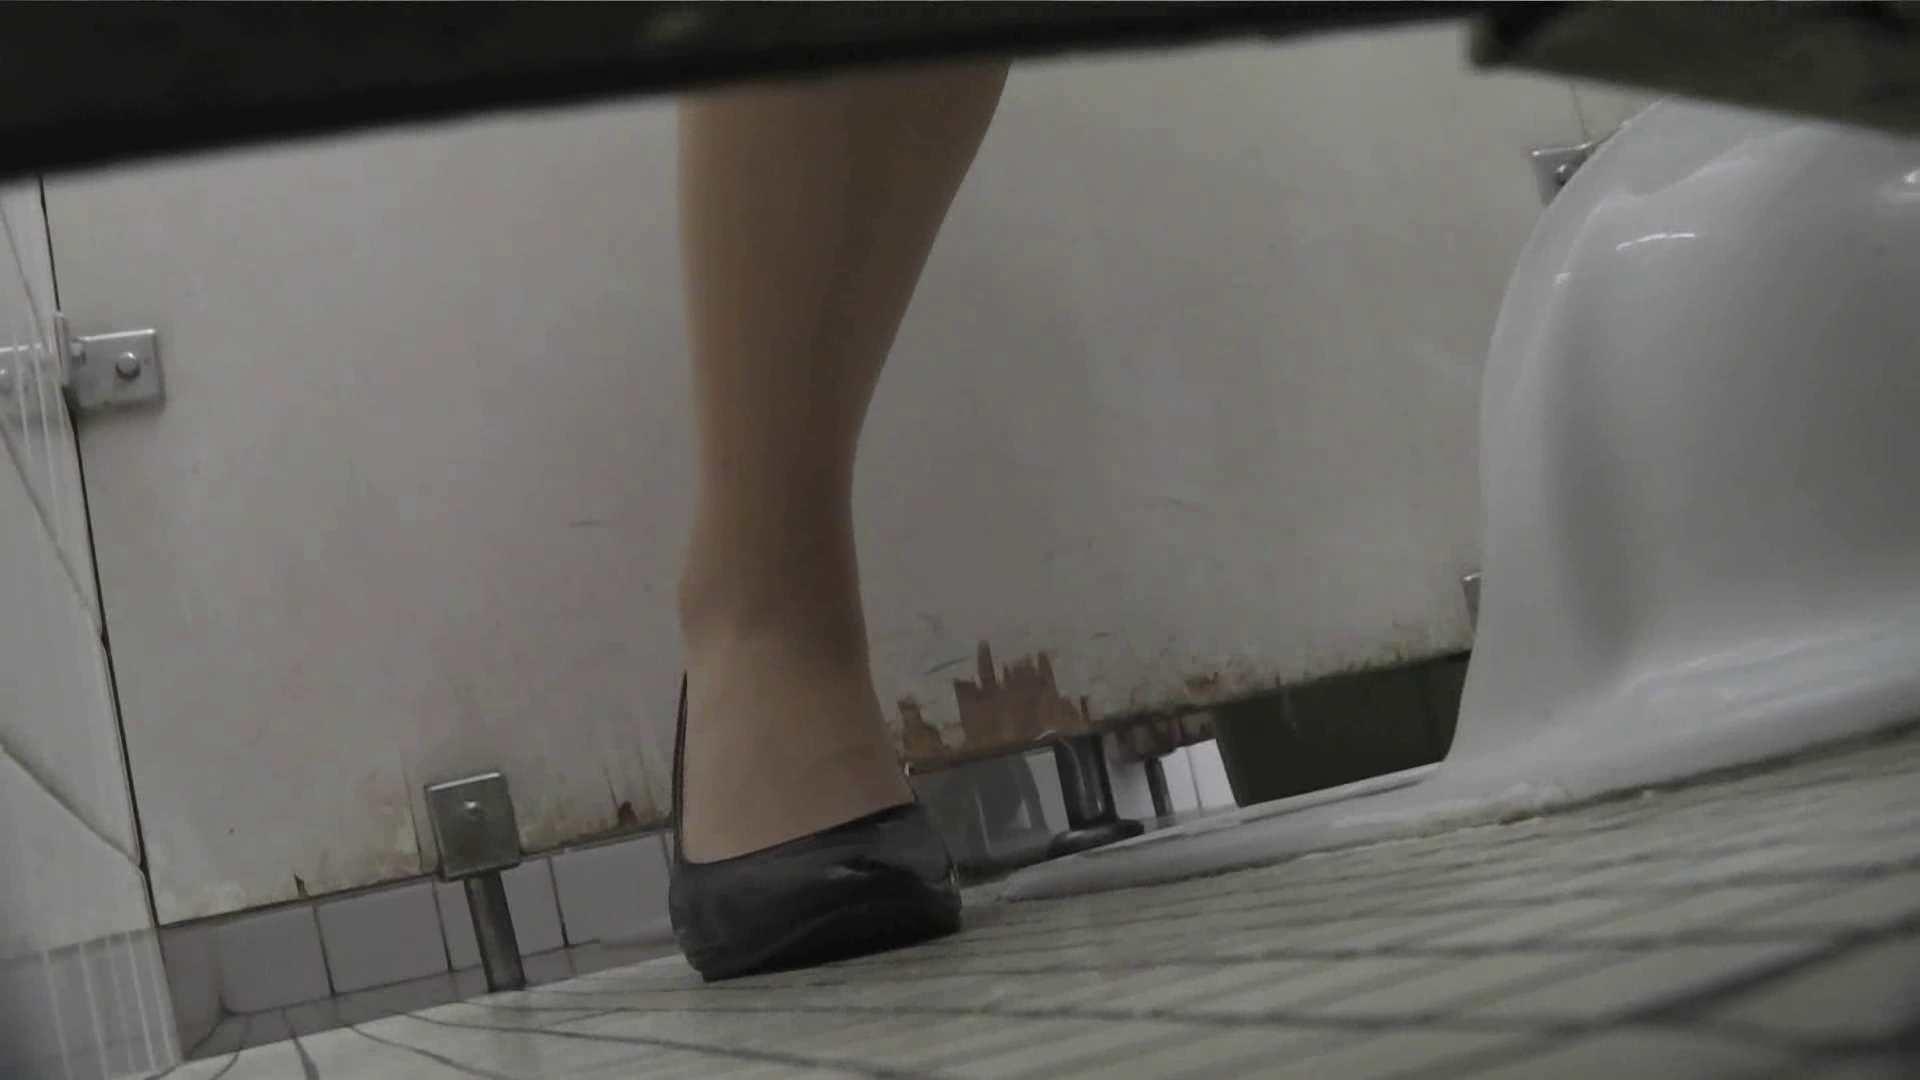 【美しき個室な世界】 vol.025 メガネ属性ヾ(´∀`)ノ 高画質 濡れ場動画紹介 84画像 74